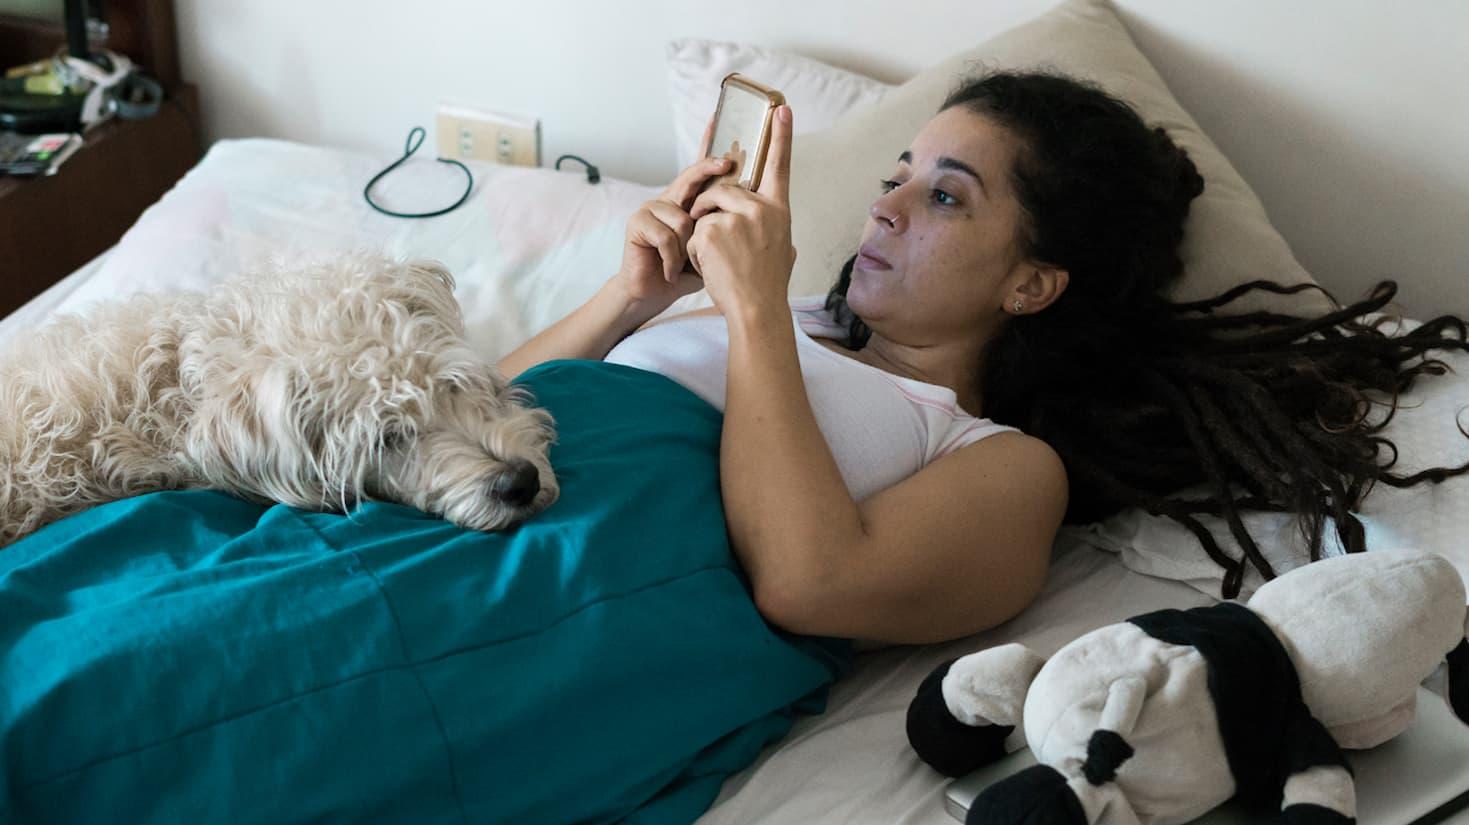 Ne Kadar Uyumalıyız? Yaşa Göre Uyku Saatleri